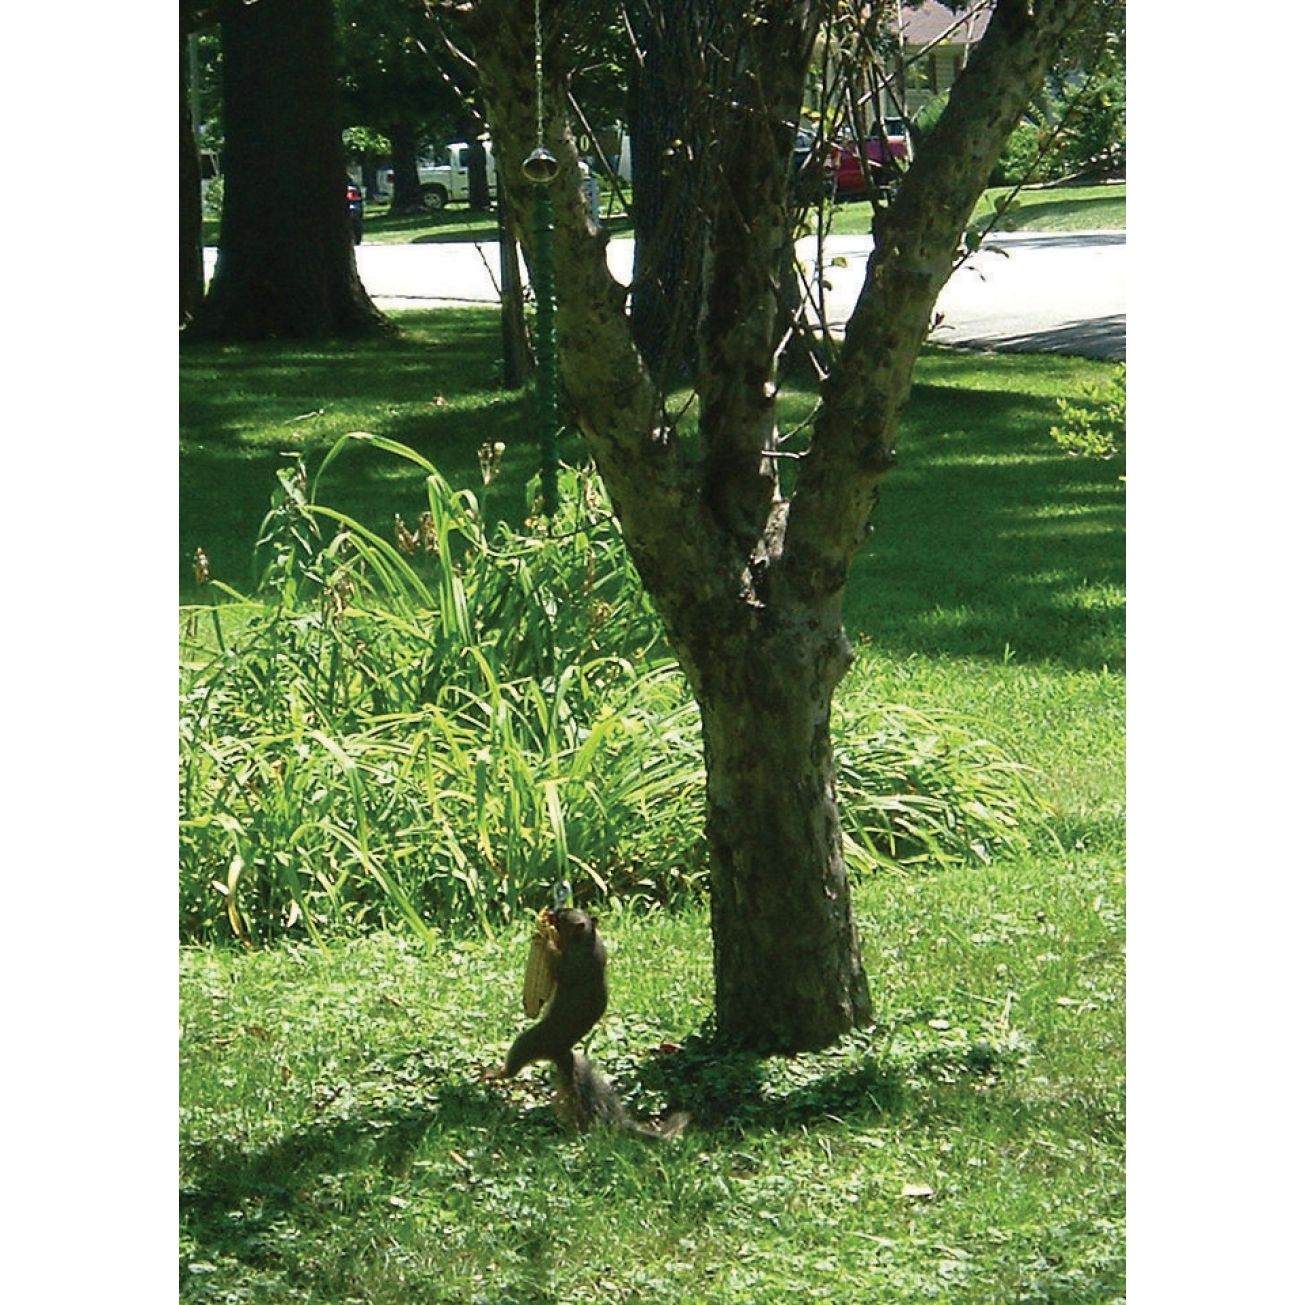 Deluxe Squngee Squirrel Bungee Feeder - Ace Hardware | Lawn and garden, Wild bird feeders, Squirrel